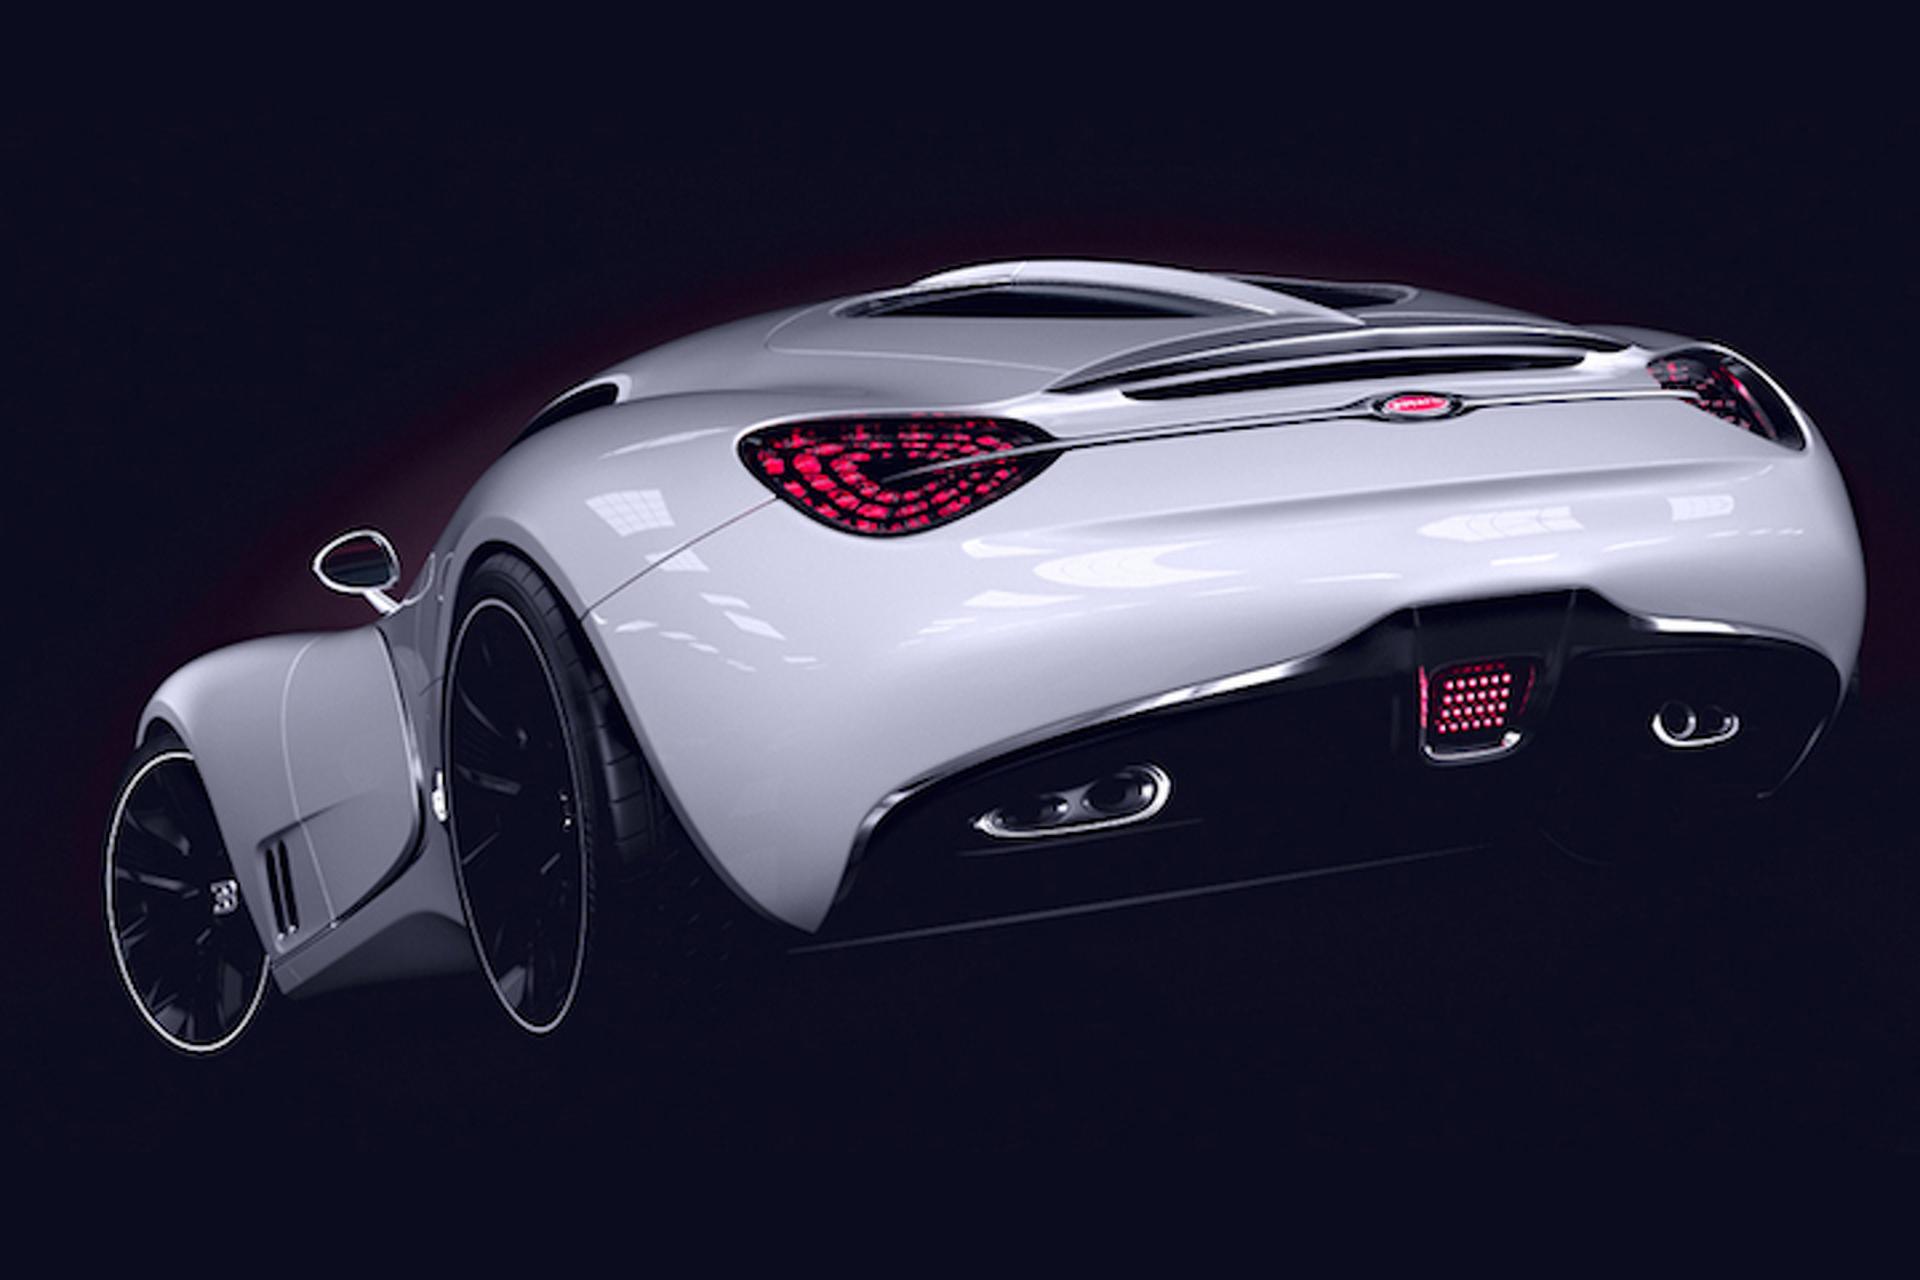 Bugatti Veyron Successor Will Do 0 60 Mph In 2 Seconds Allegedly